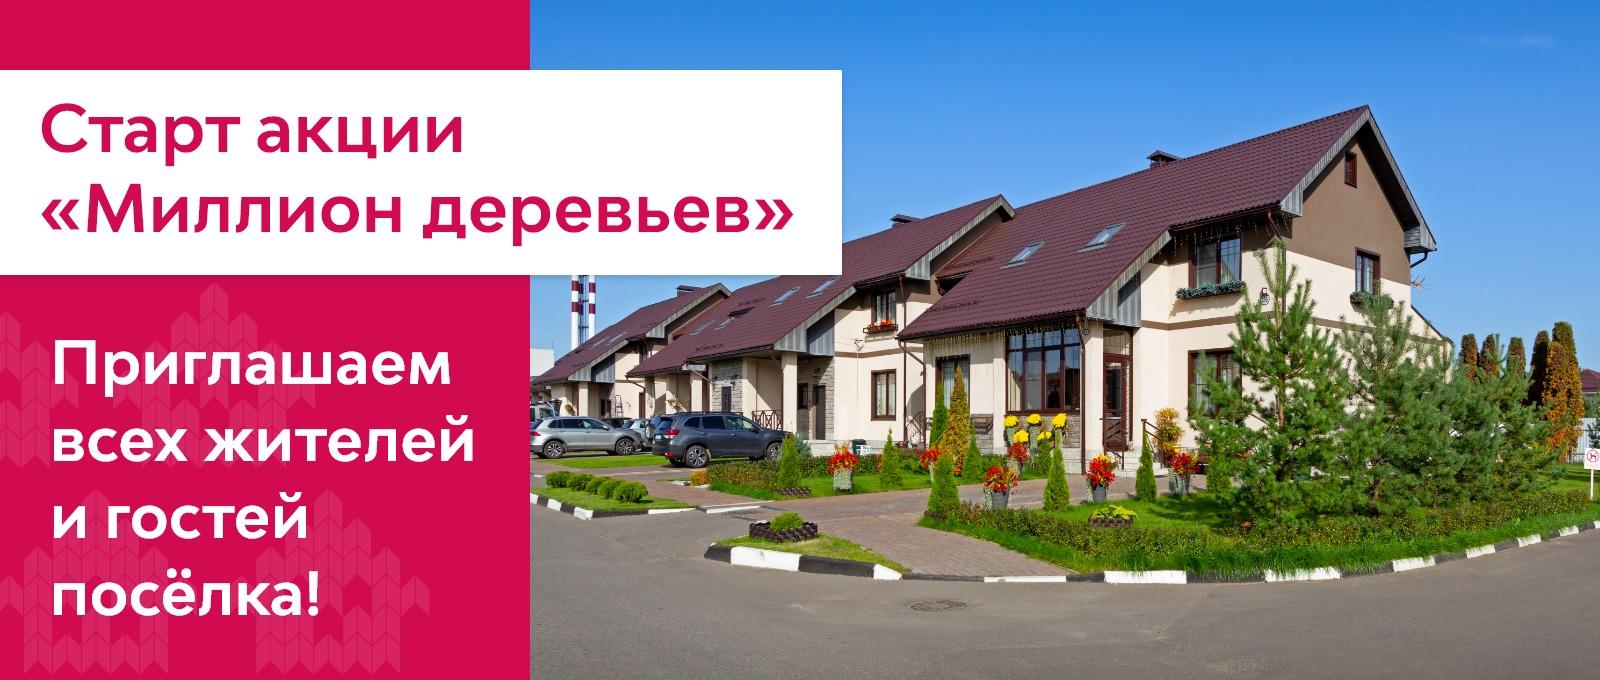 В Варежках стартует акция «Миллион деревьев»! | Жилой комплекс Варежки 2